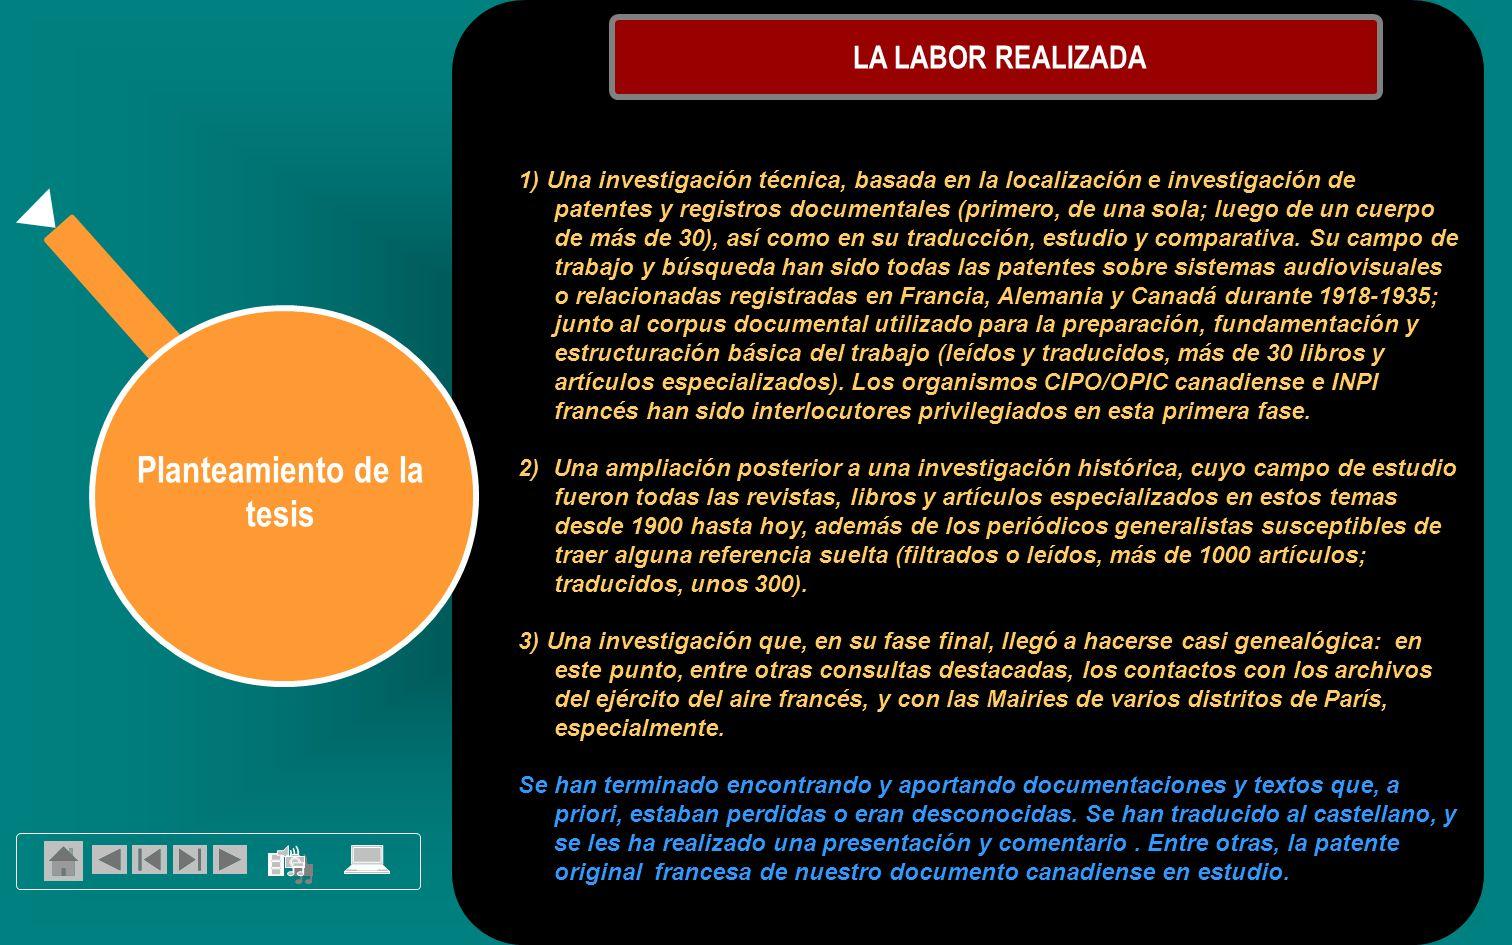 Planteamiento de la tesis LA LABOR REALIZADA 1) Una investigación técnica, basada en la localización e investigación de patentes y registros documentales (primero, de una sola; luego de un cuerpo de más de 30), así como en su traducción, estudio y comparativa.